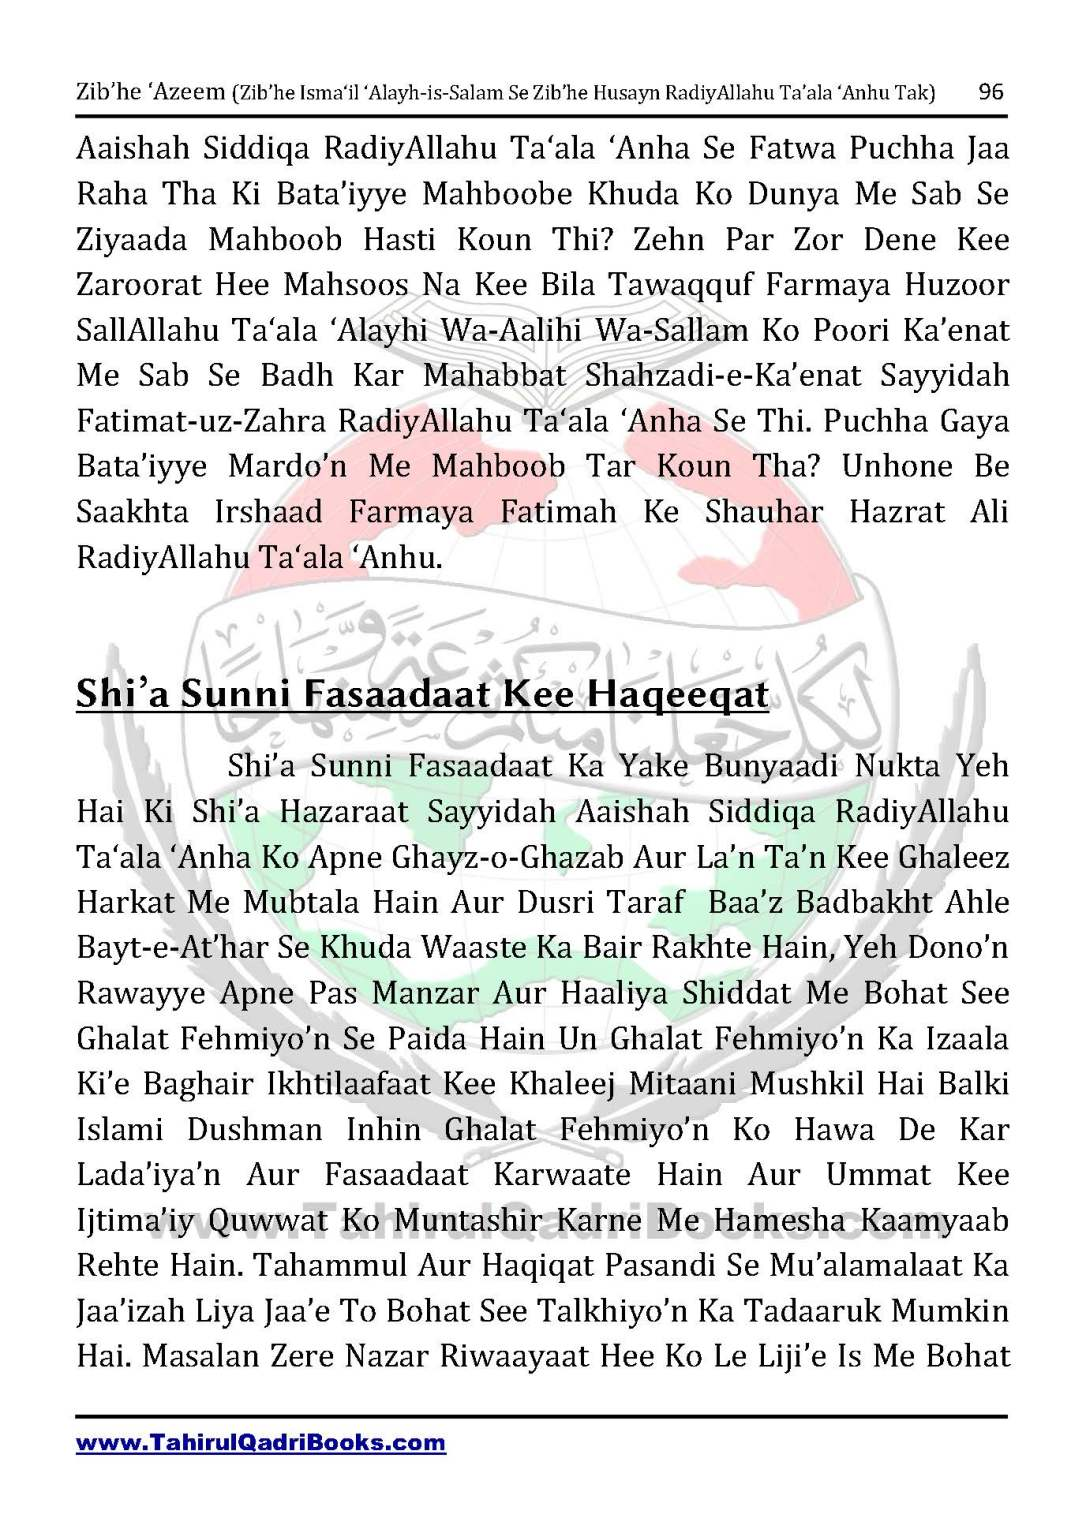 zib_he-e28098azeem-zib_he-ismacabbil-se-zib_he-husayn-tak-in-roman-urdu-unlocked_Page_096